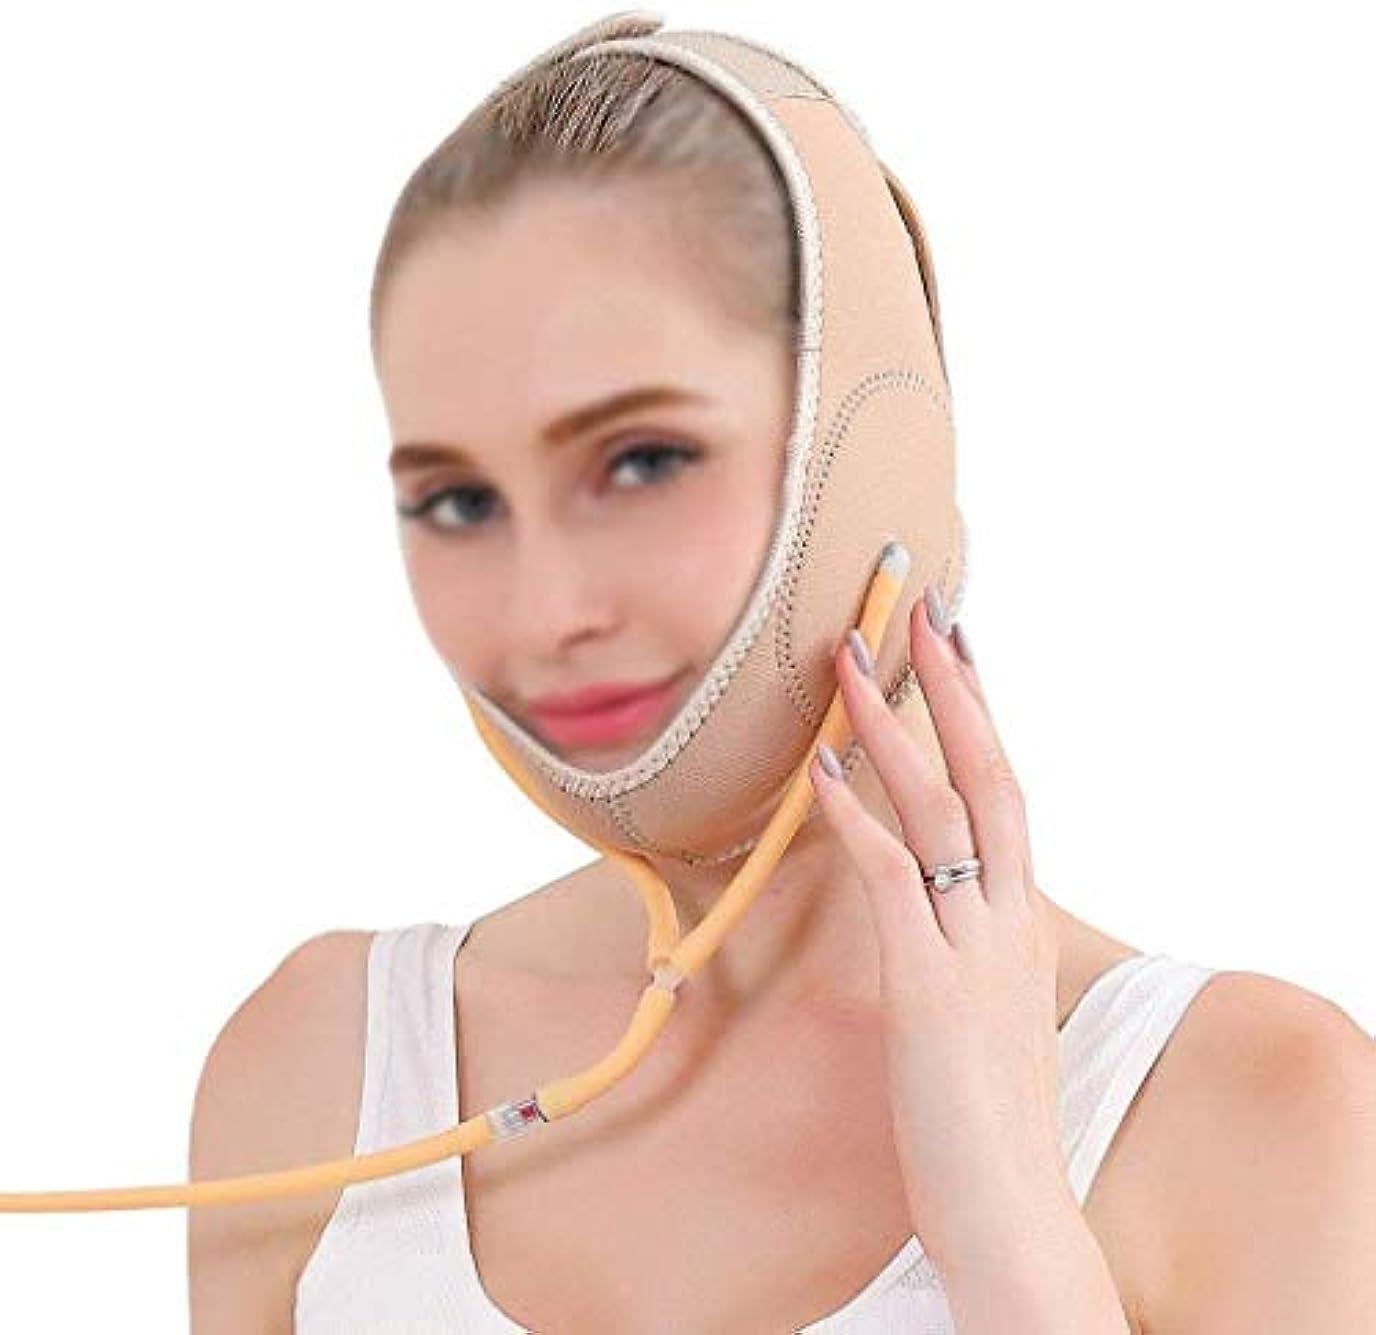 励起アリス寄託VフェイスマスクをFace身、FSMMフェイスリフティングバンデージ、膨張した圧力回復マスクリフティングタイトバンデージ、ダブルチンを削減(色:肌の色)